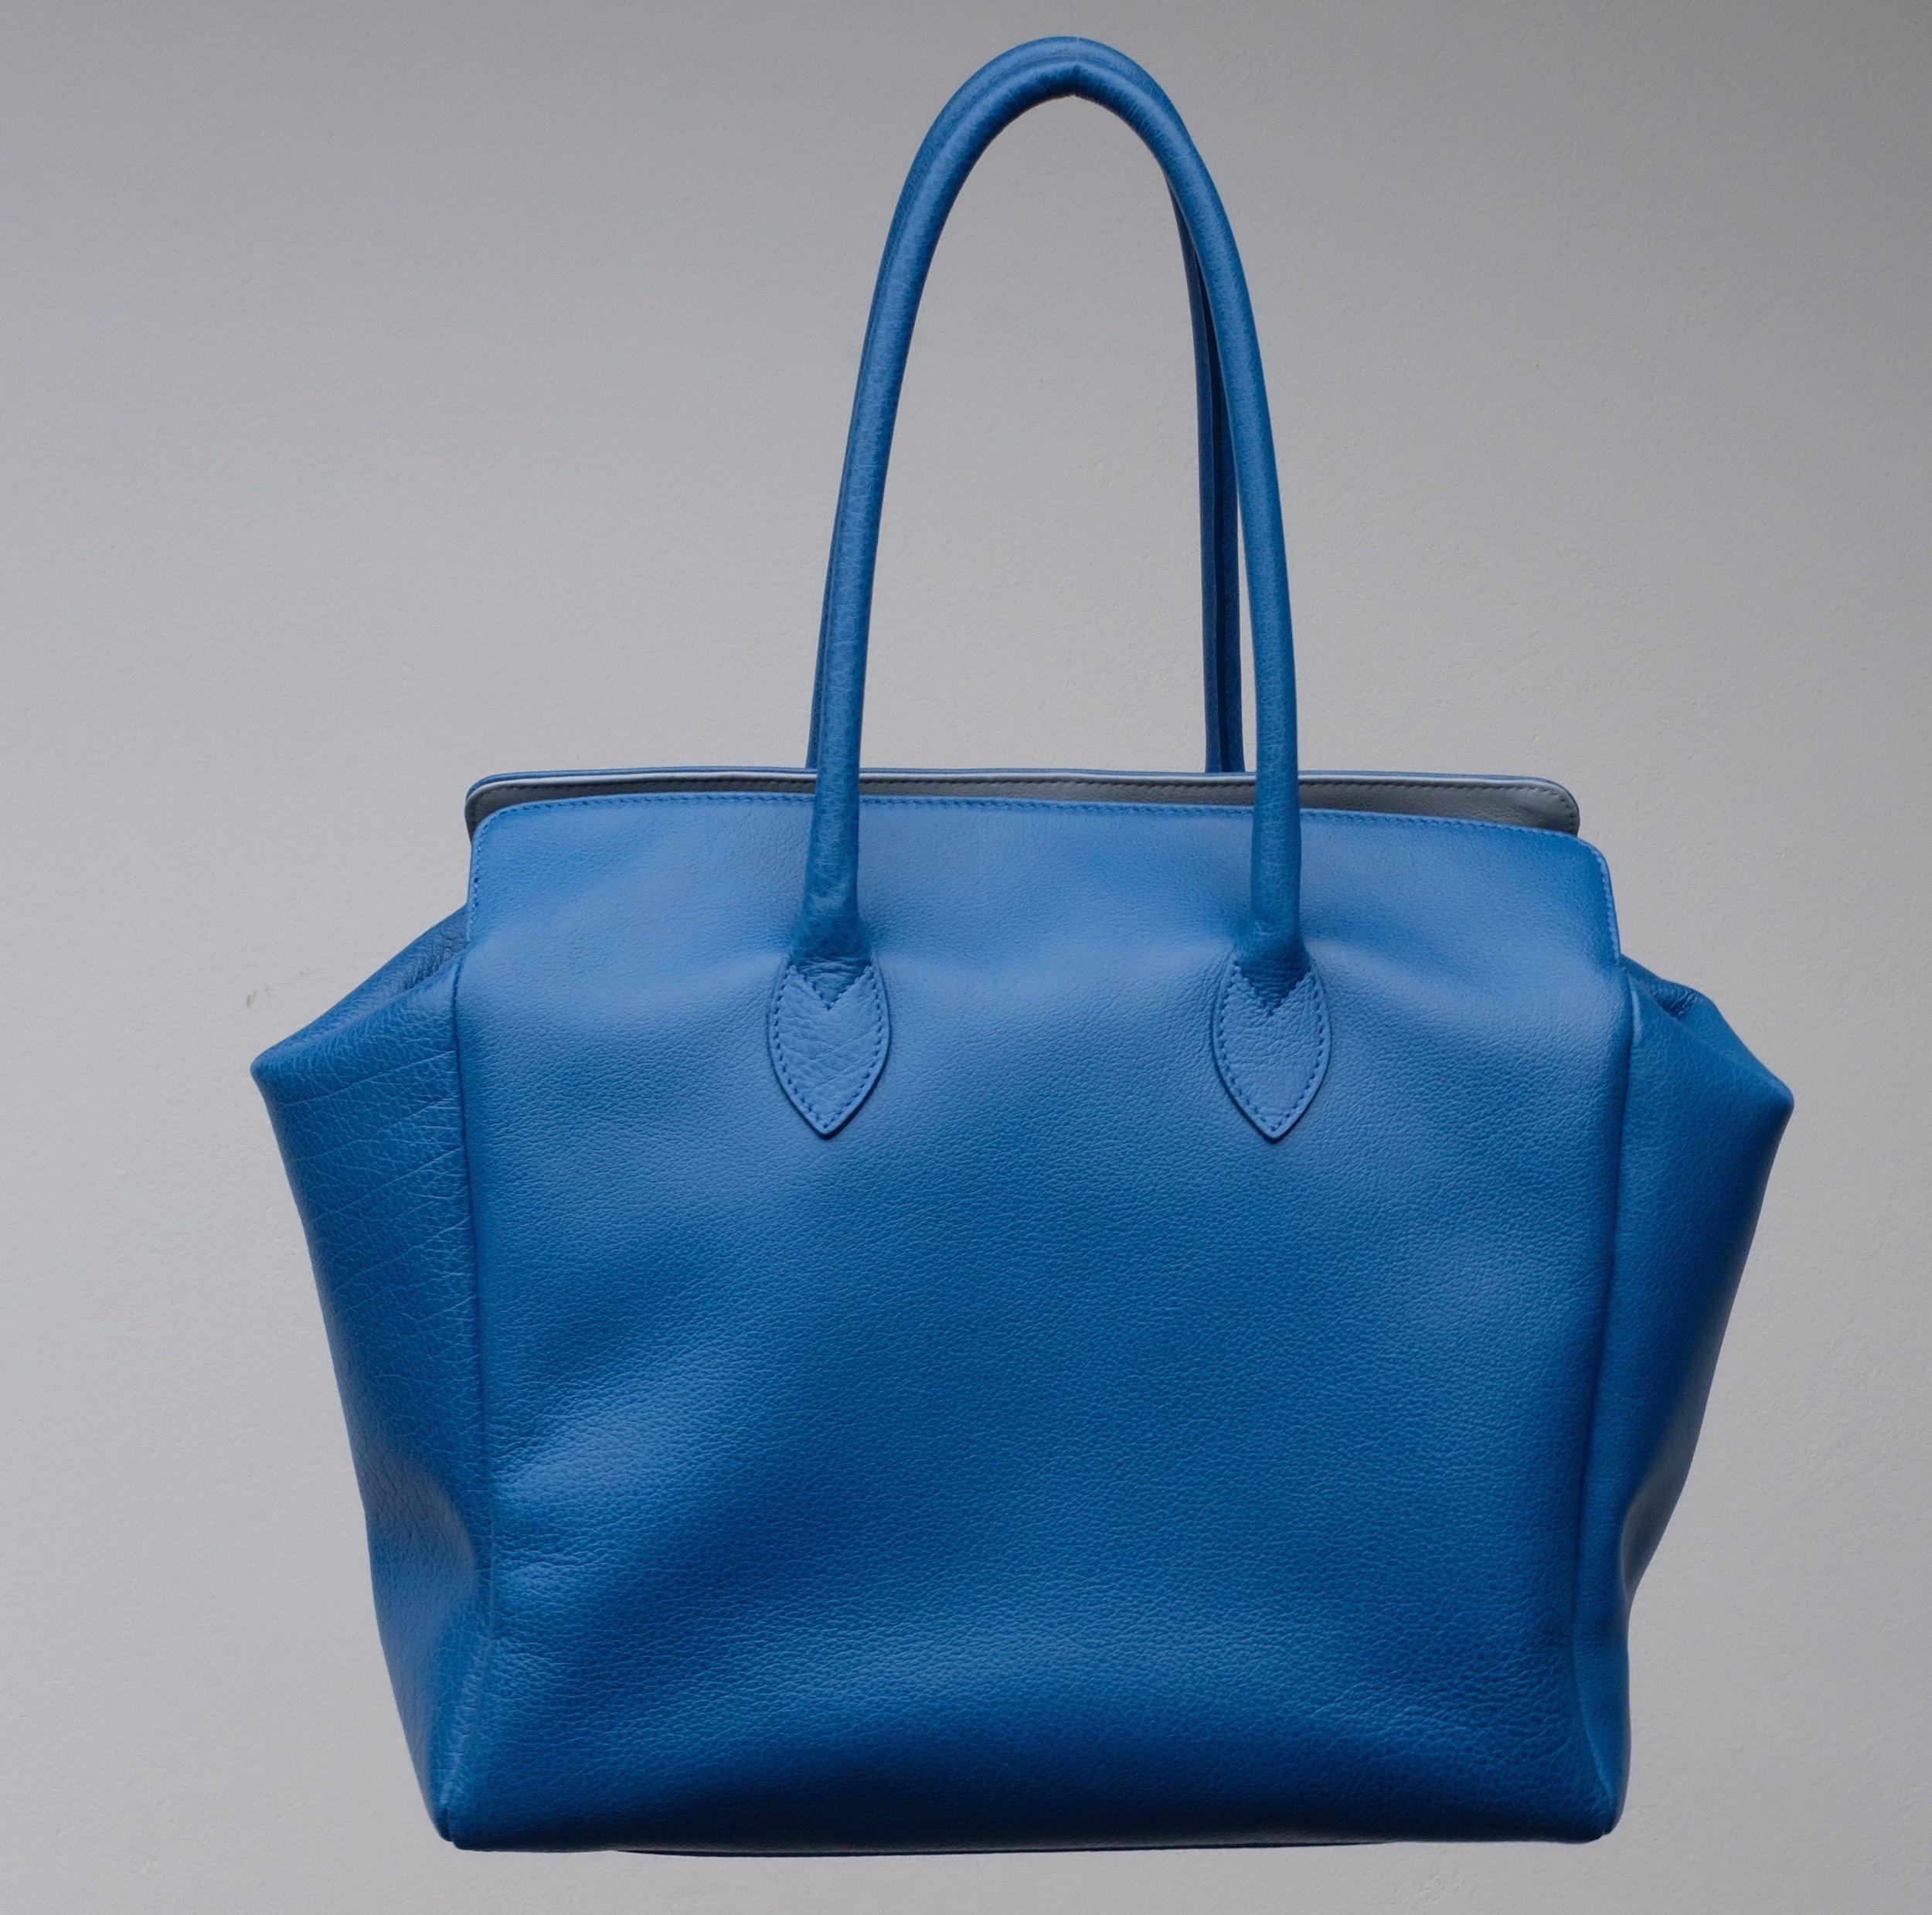 Naschbag BeFifty Taschen Blog für Frauen Ü50 Model Kate